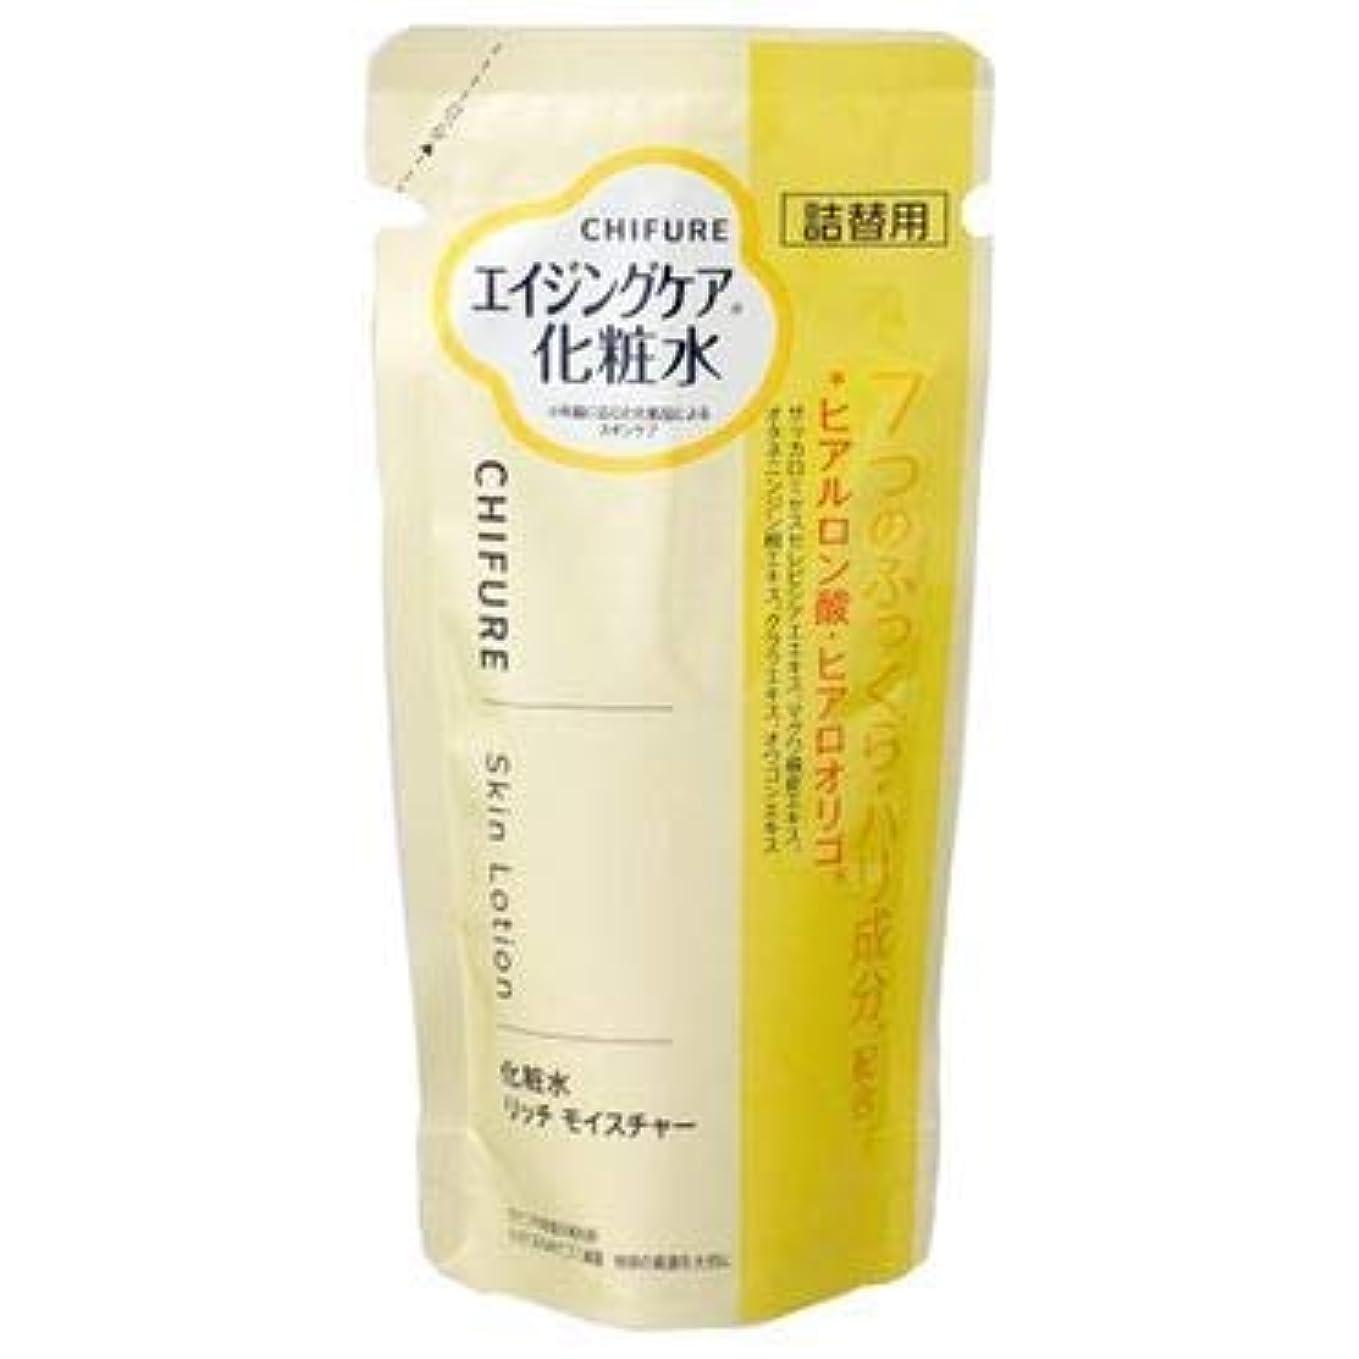 ちふれ化粧品 化粧水 リッチモイスチャータイプ 150ml (詰替)